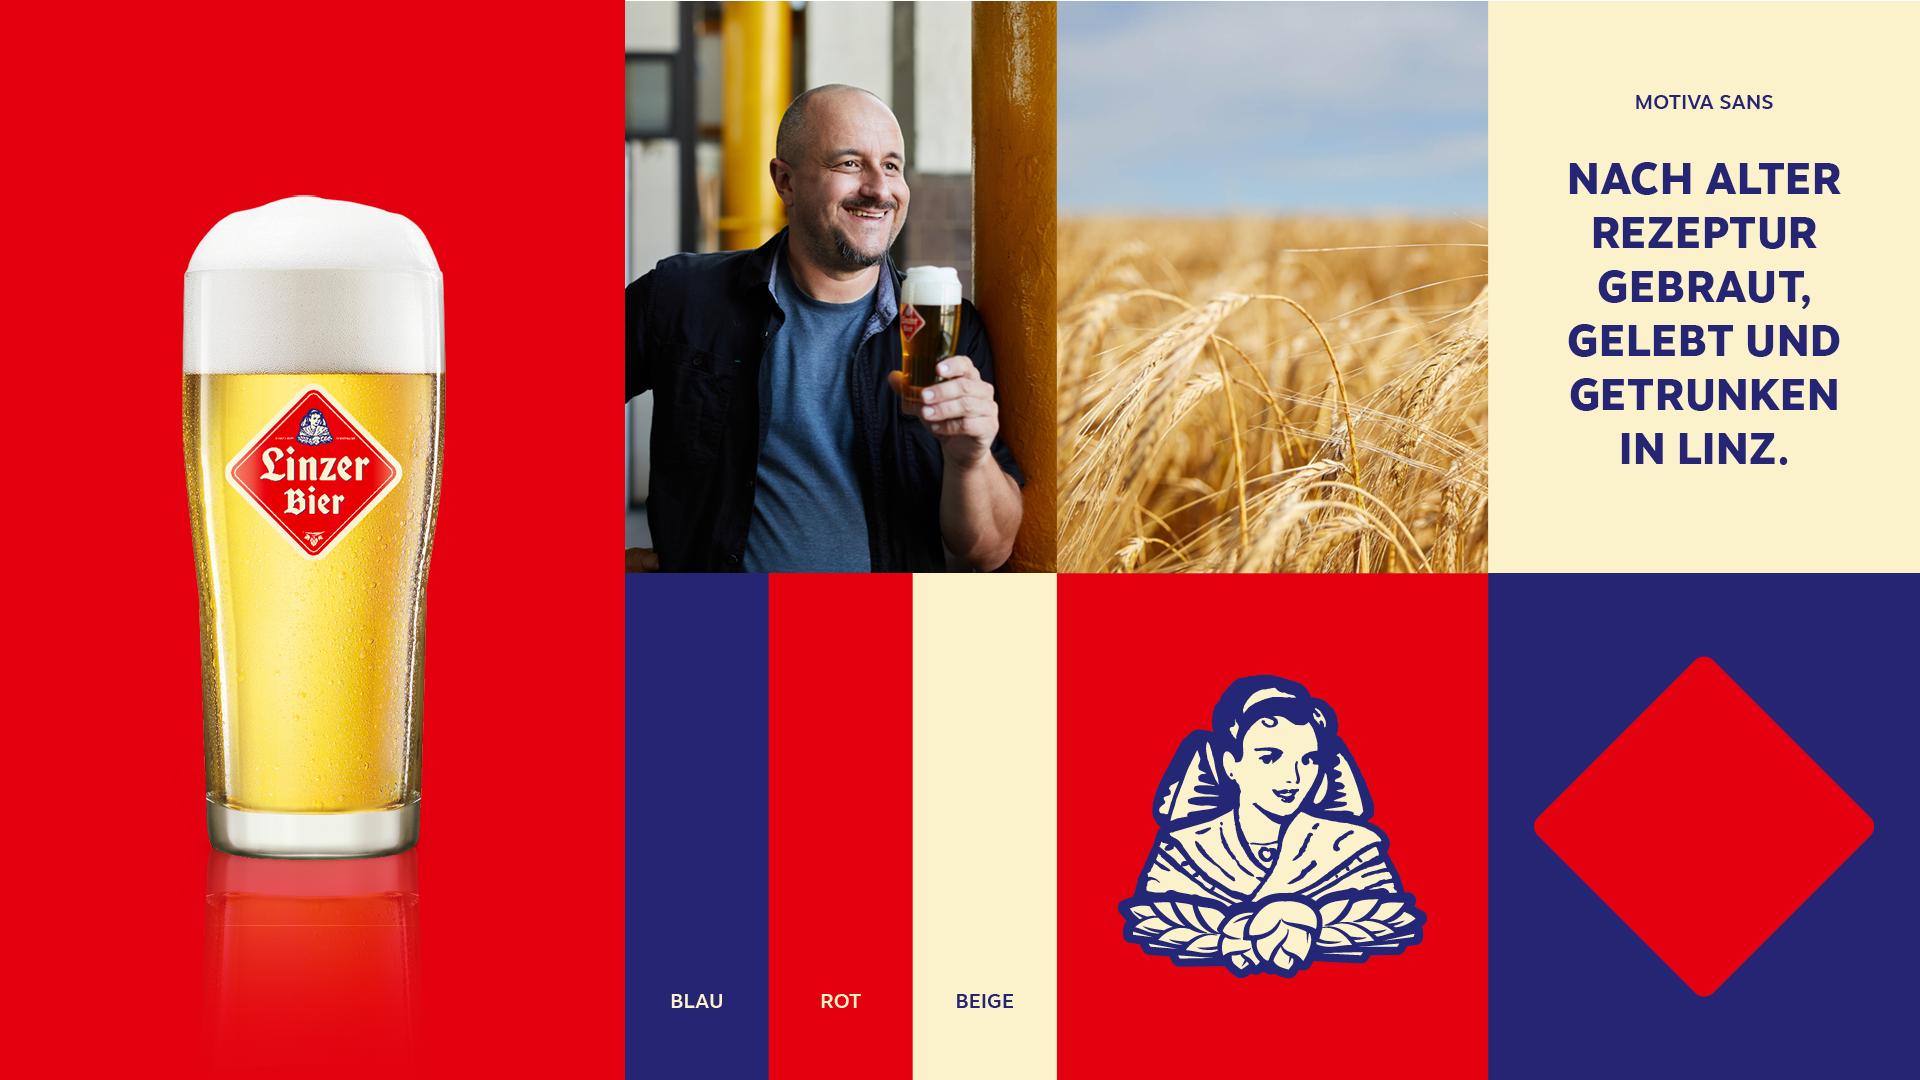 Ref Linzer Bier 2 Elemente